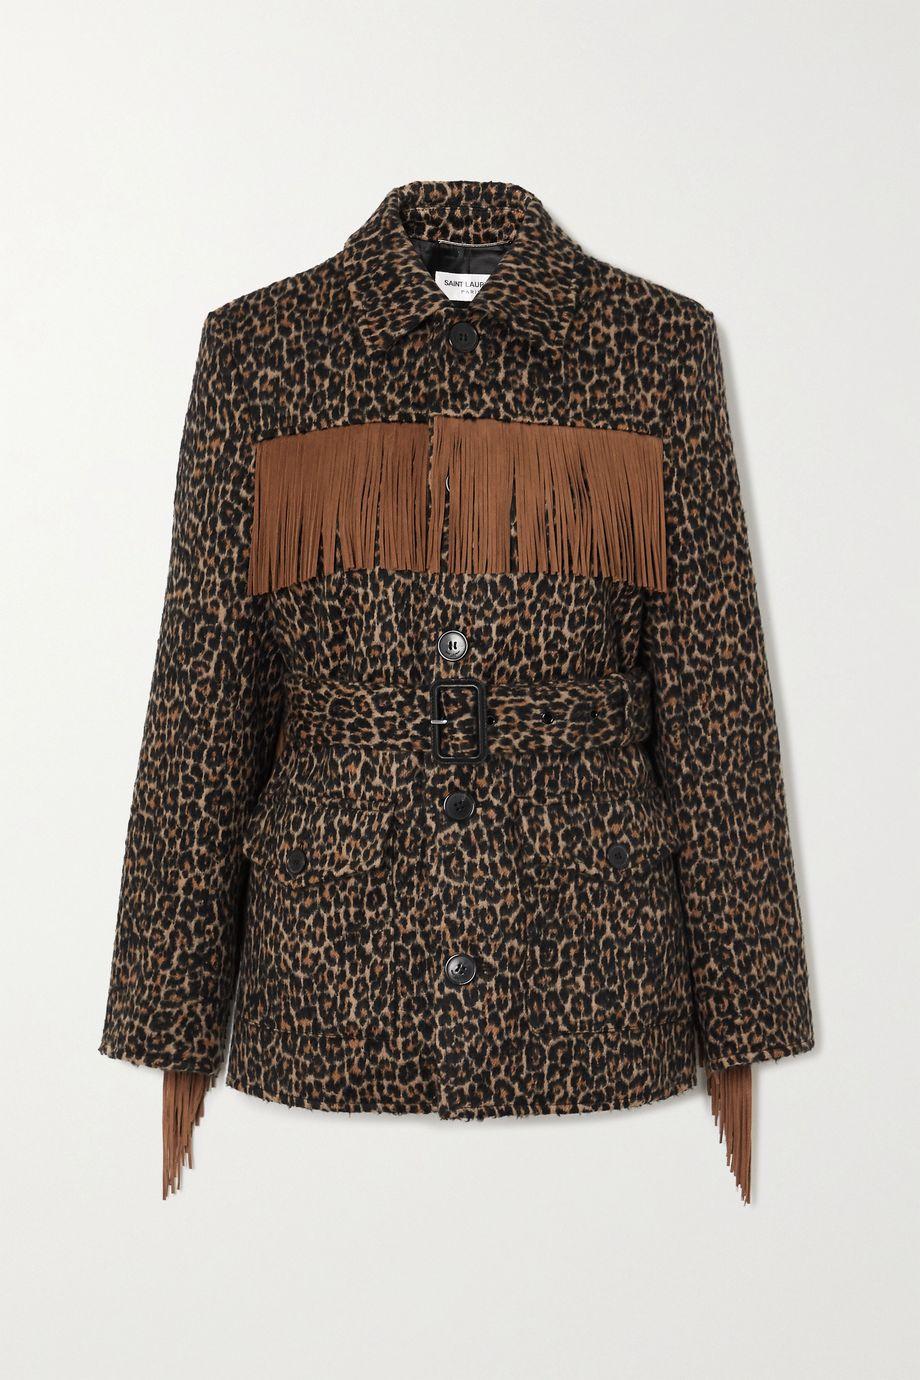 SAINT LAURENT Belted fringed leopard wool-blend jacquard jacket